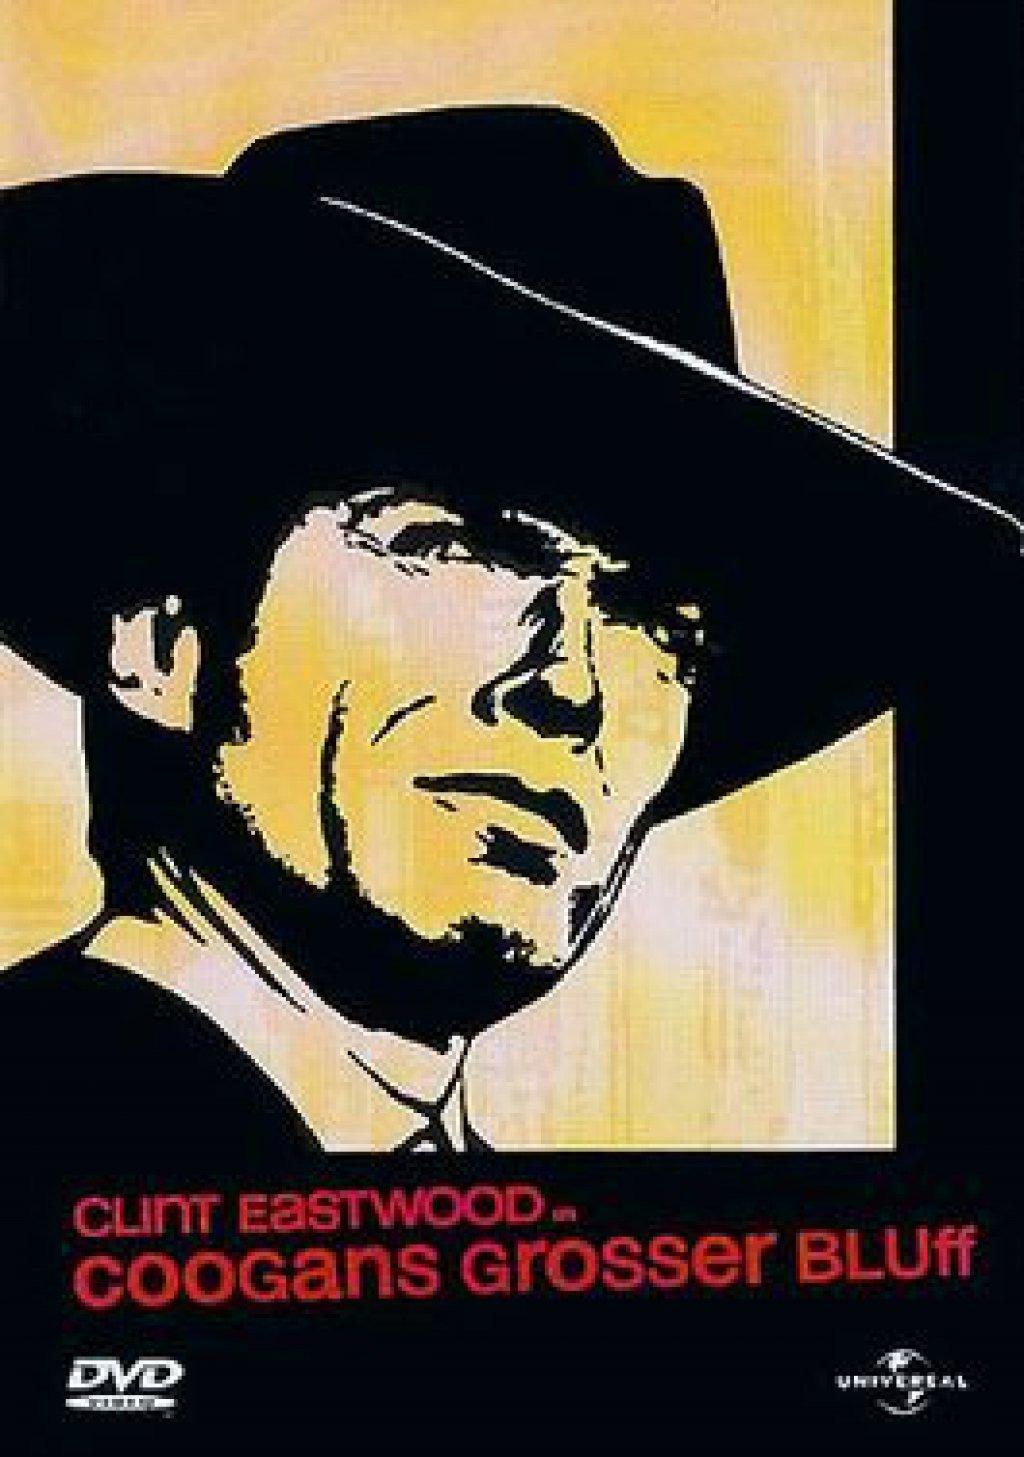 Coogans grosser Bluff (DVD)